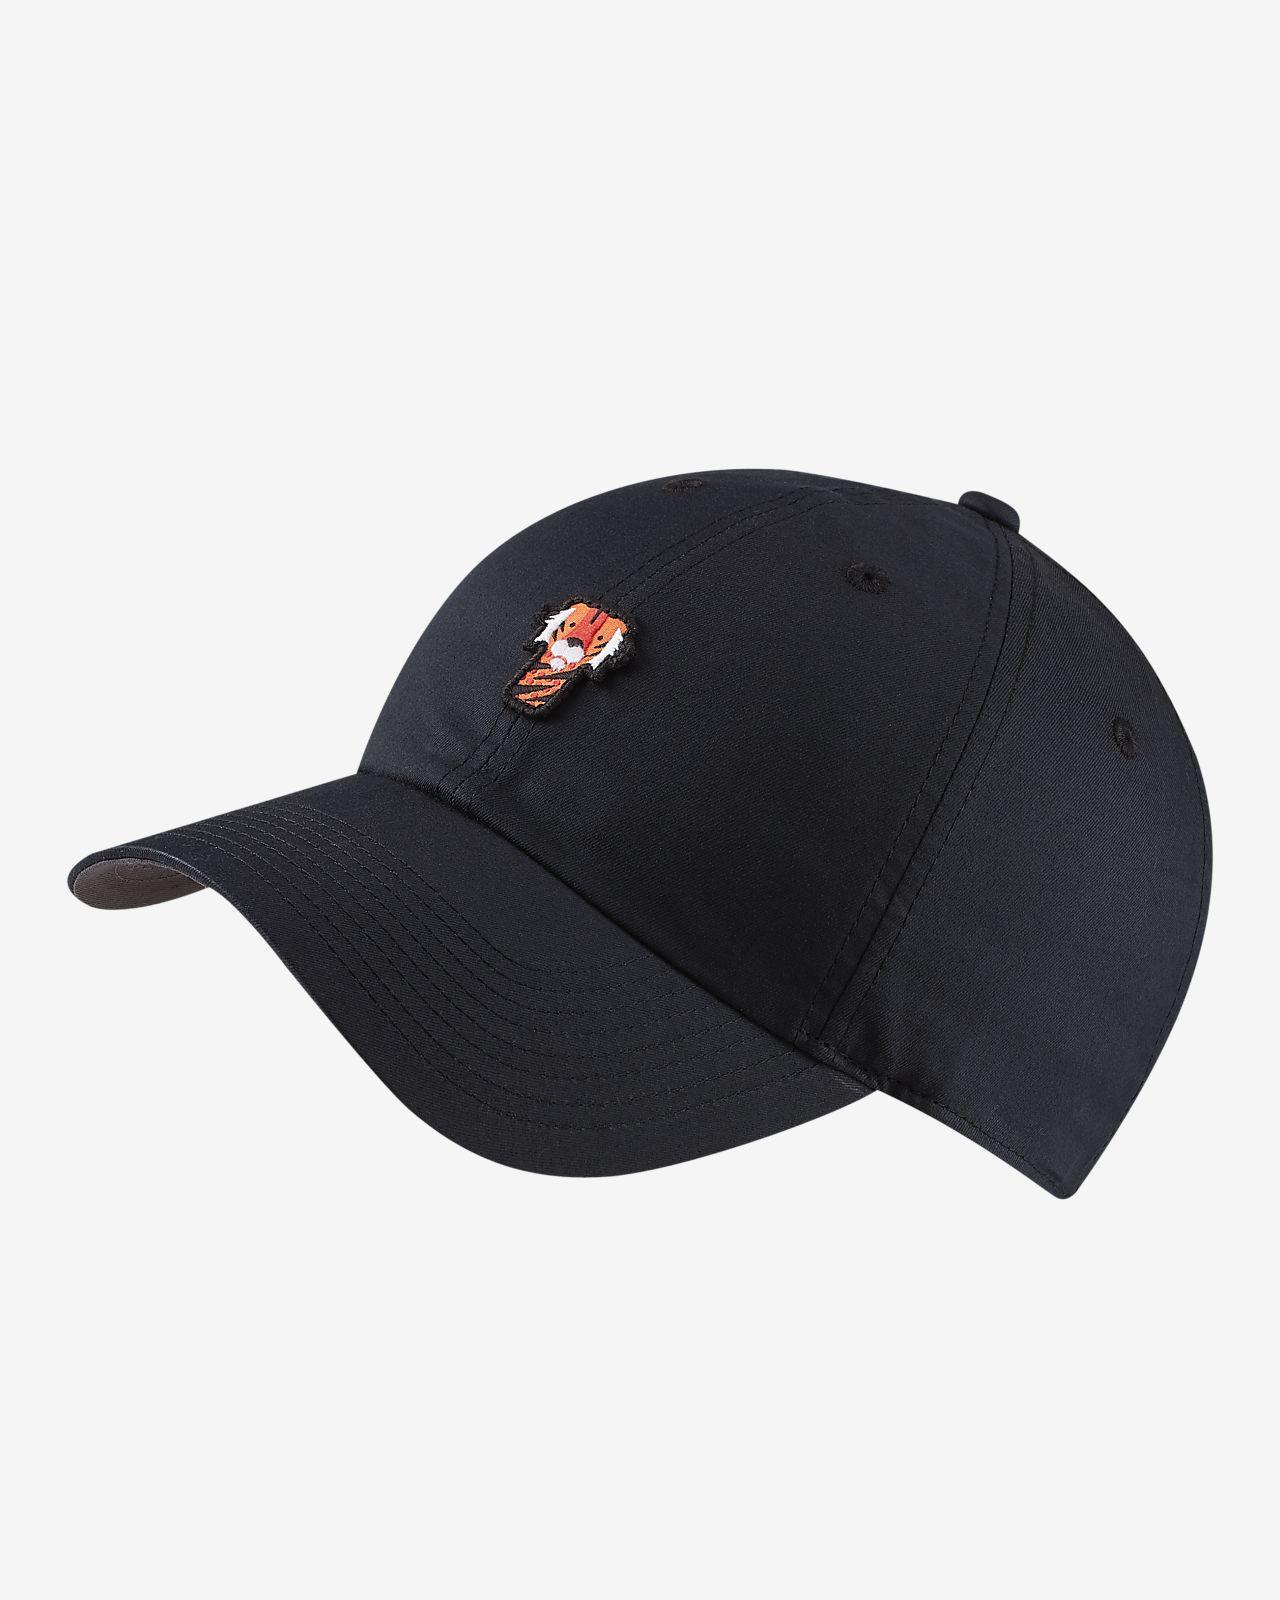 Tiger Woods Heritage86 'Frank' Golf Hat